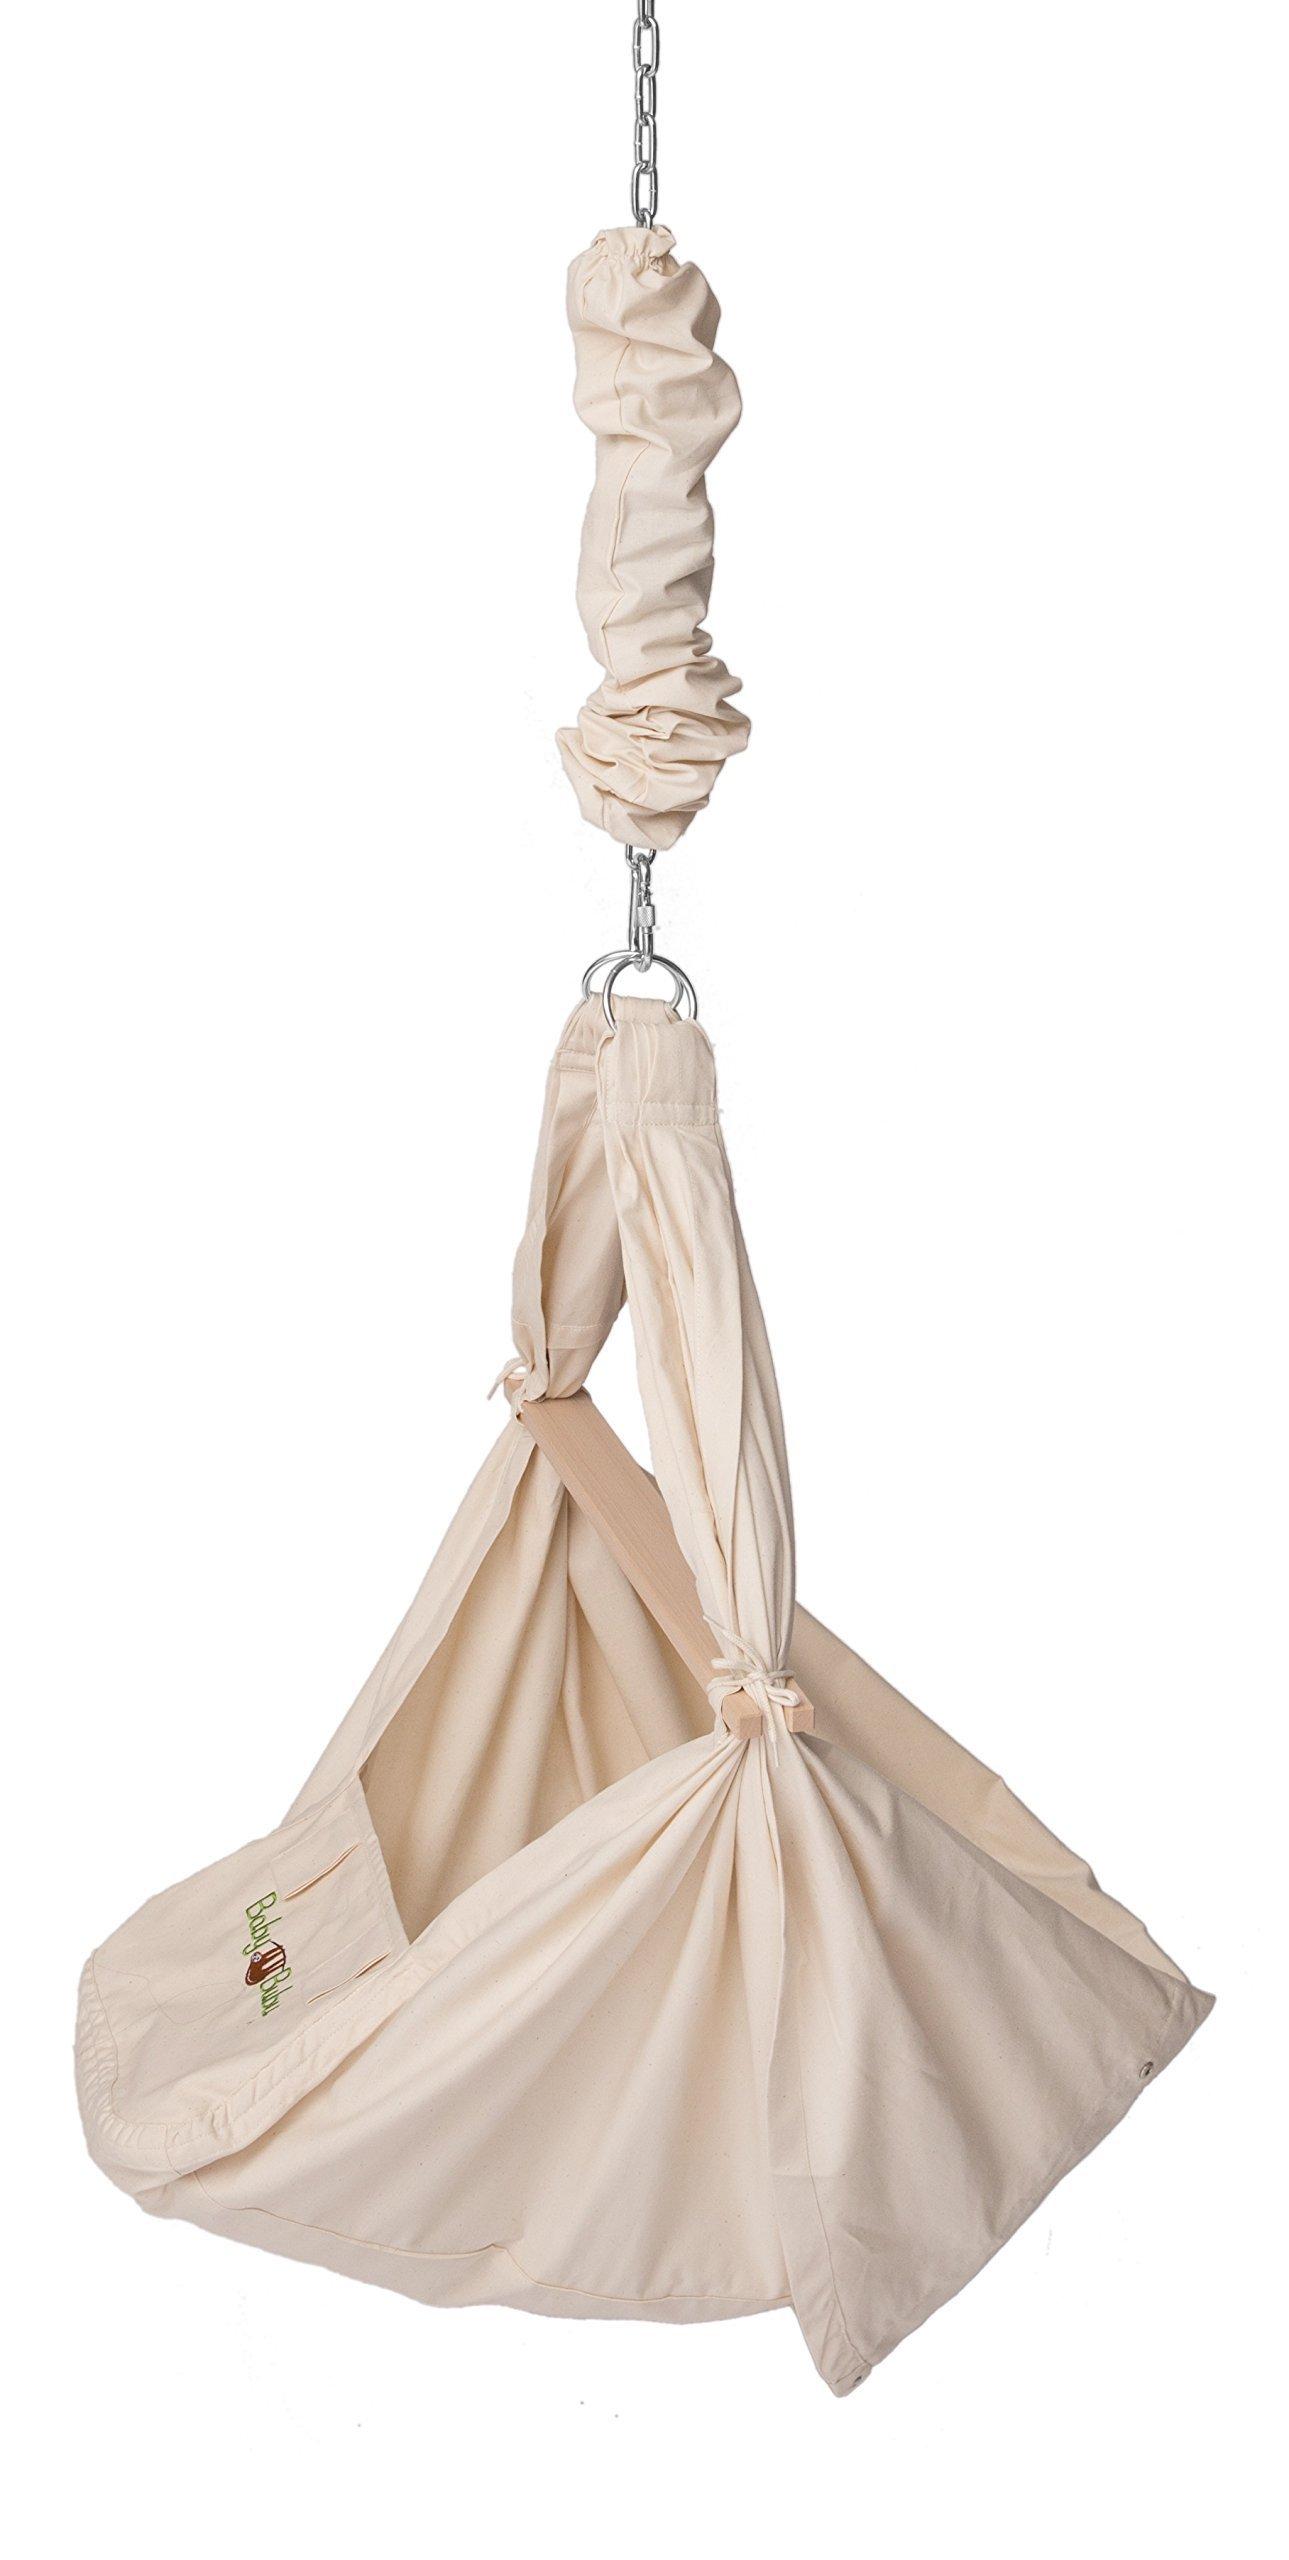 BabyBubu Federwiege 3in1 - Babyhängematte Hängesessel & Wiege in einem | bis 16kg belastbar - mit Upgrade auf 31kg erweiterbar | das schwingende Babybett | 100% Baumwolle und Schafwollmatratze | Entwickelt in Deutschland | Hergestellt in Europa product image